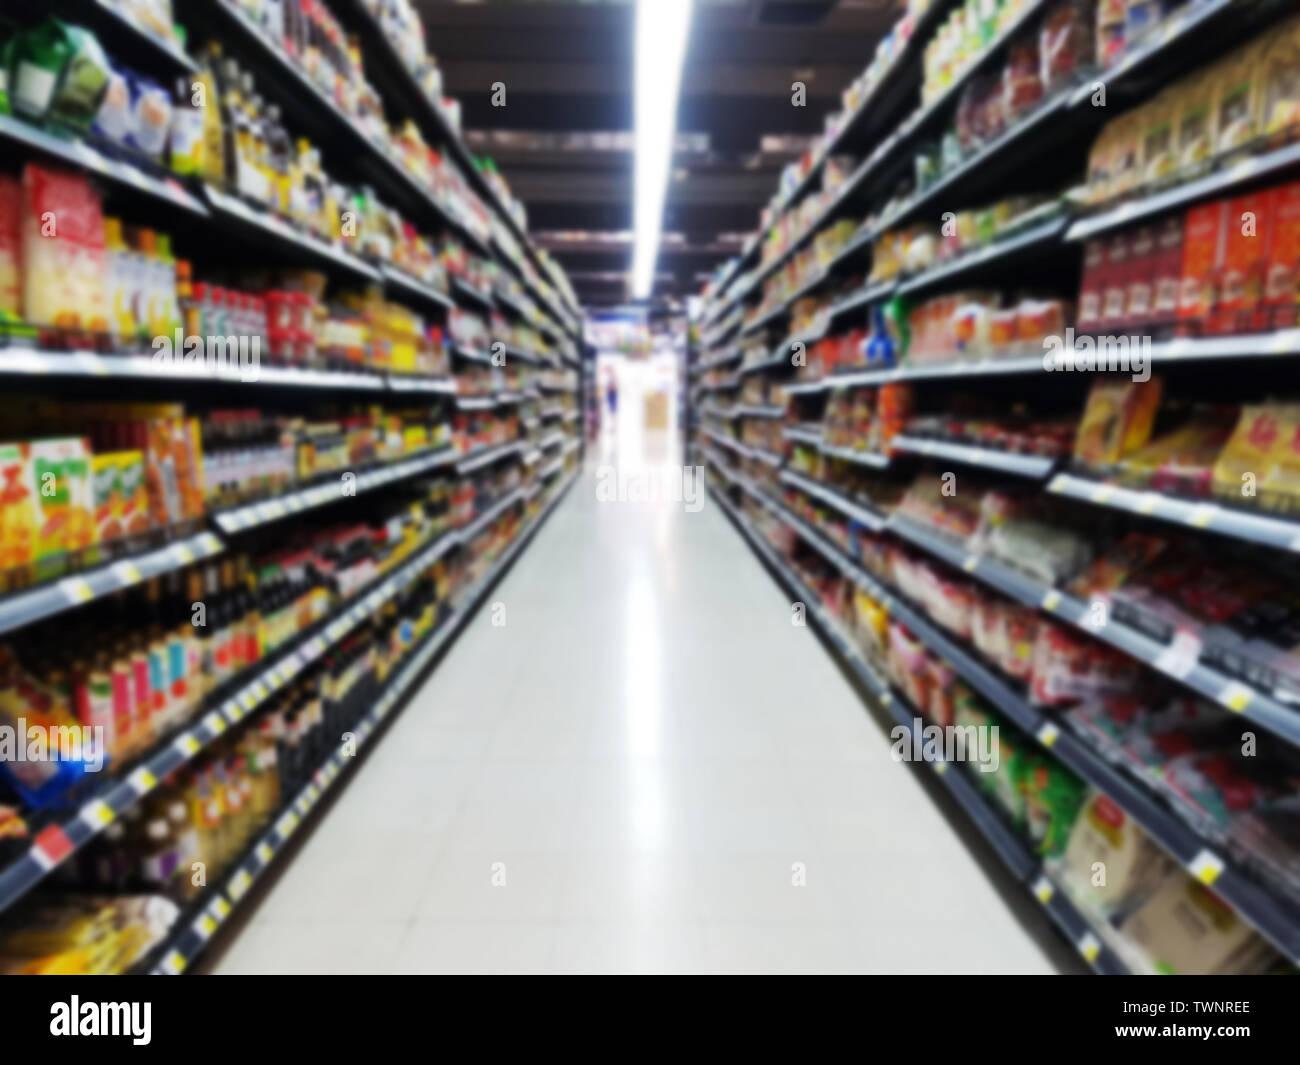 Sistemazione Merce Sugli Scaffali.Shelves Retail Design Immagini Shelves Retail Design Fotos Stock